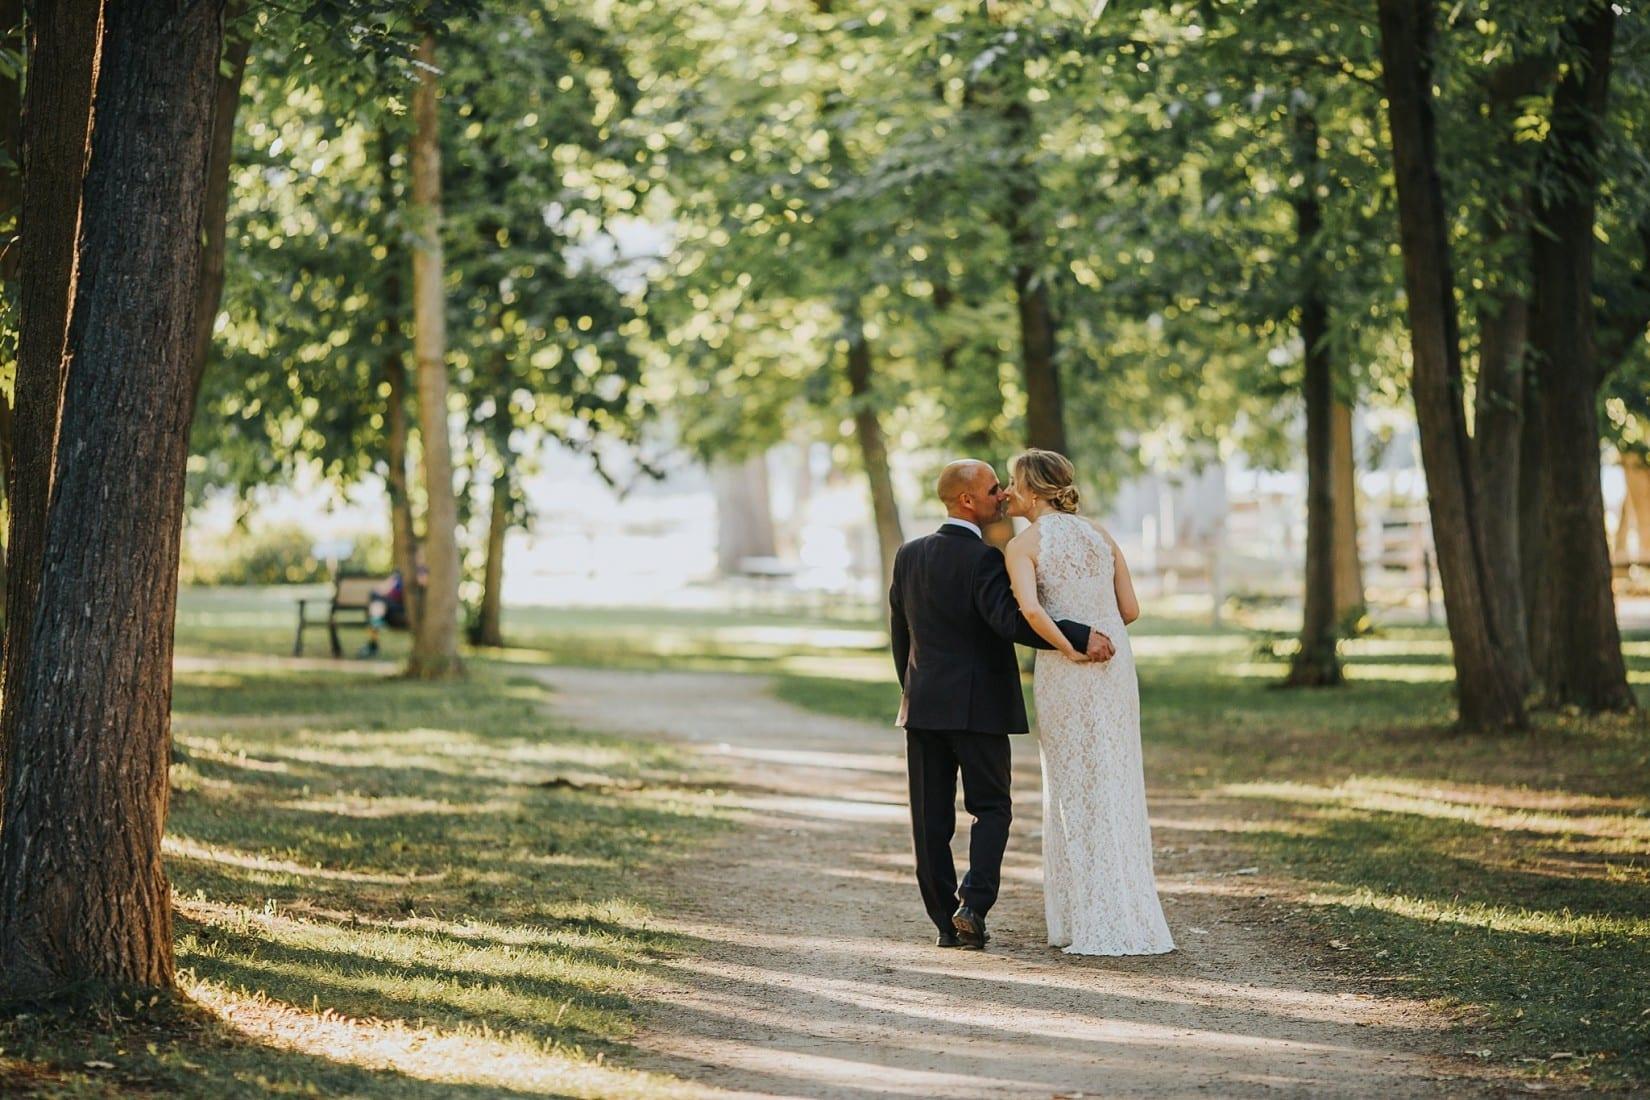 Gellatly Nut Farm Wedding West Kelowna BC Photographer